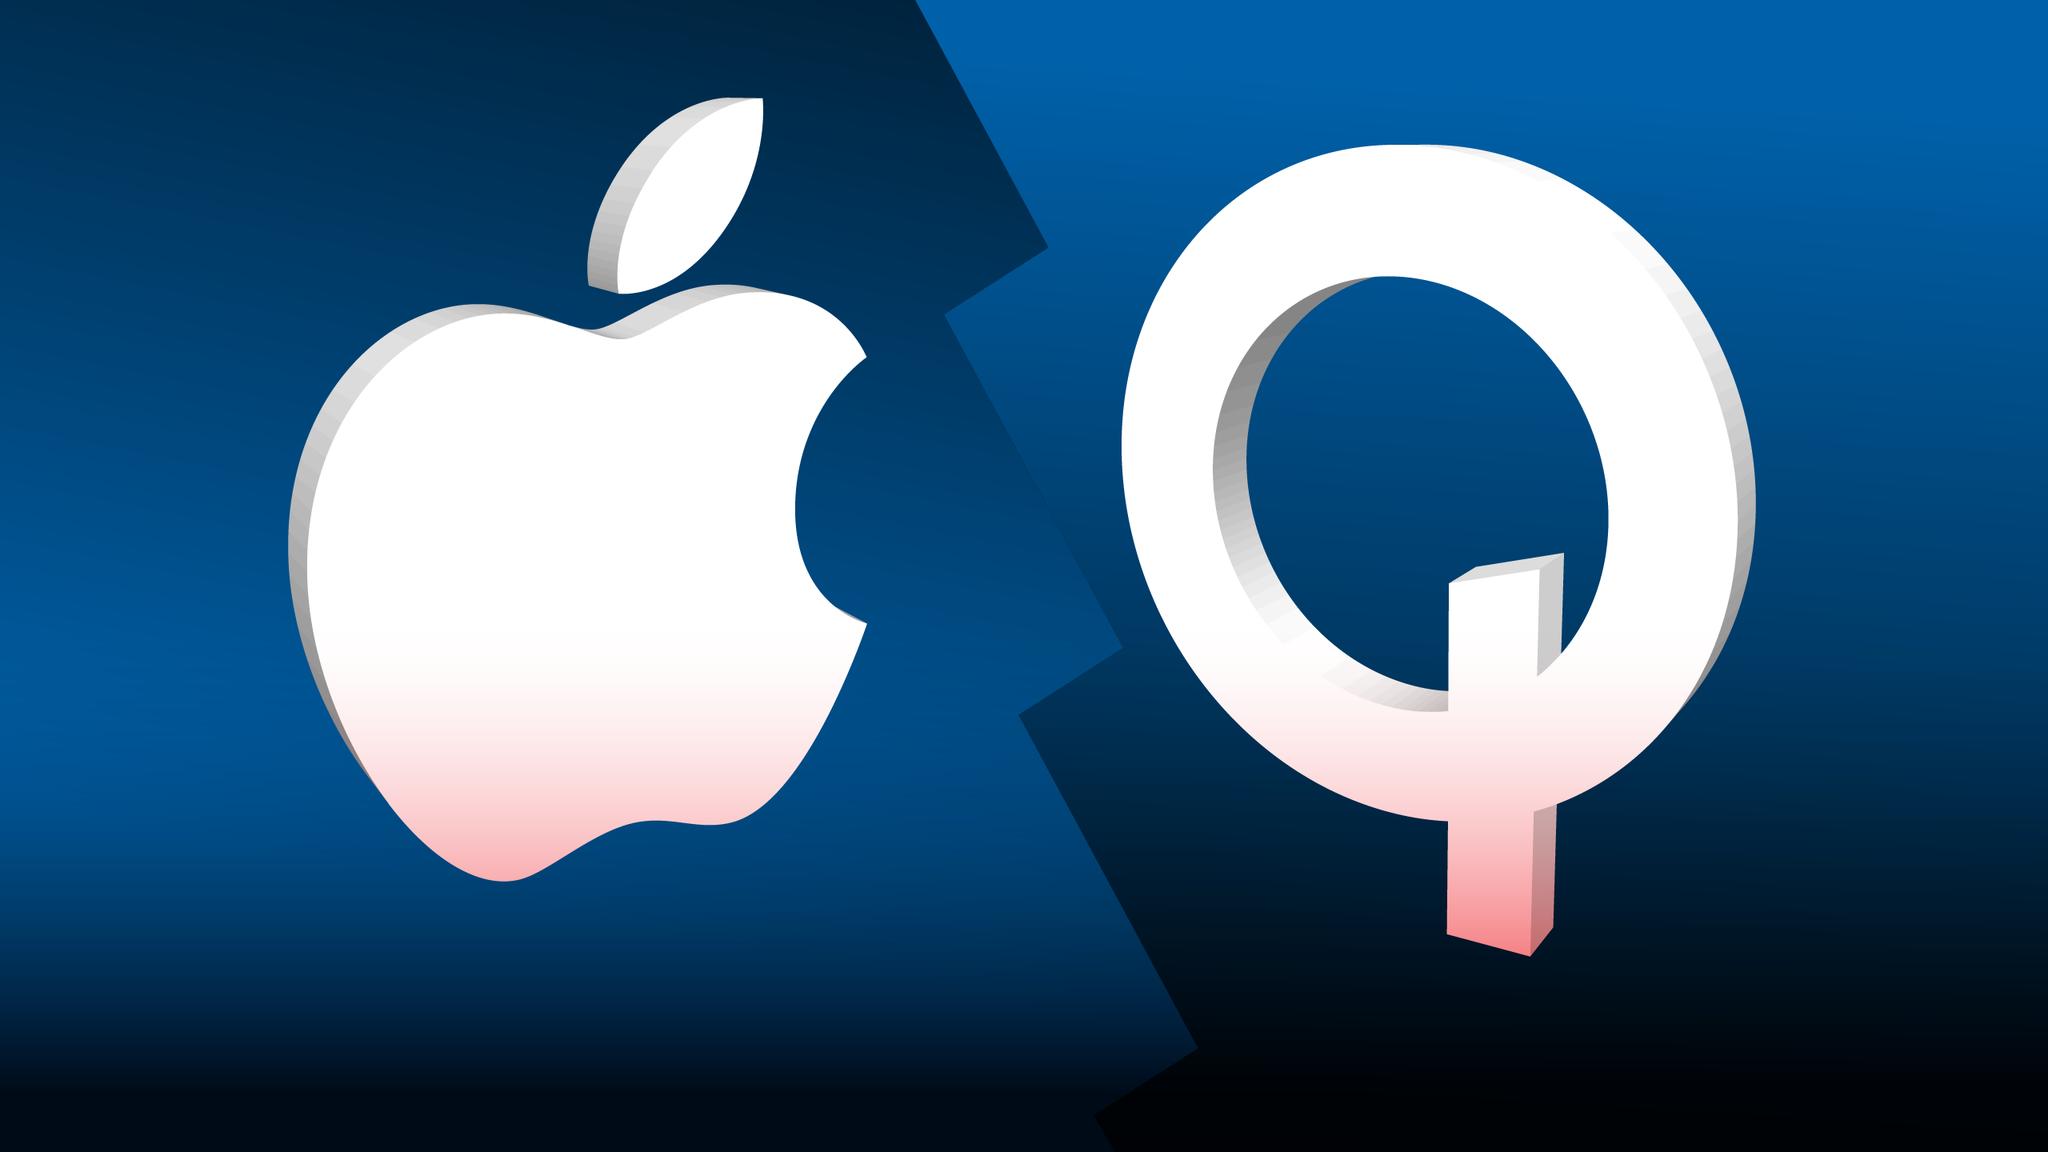 Qualcomm chiede ad Apple 7 miliardi di royalties